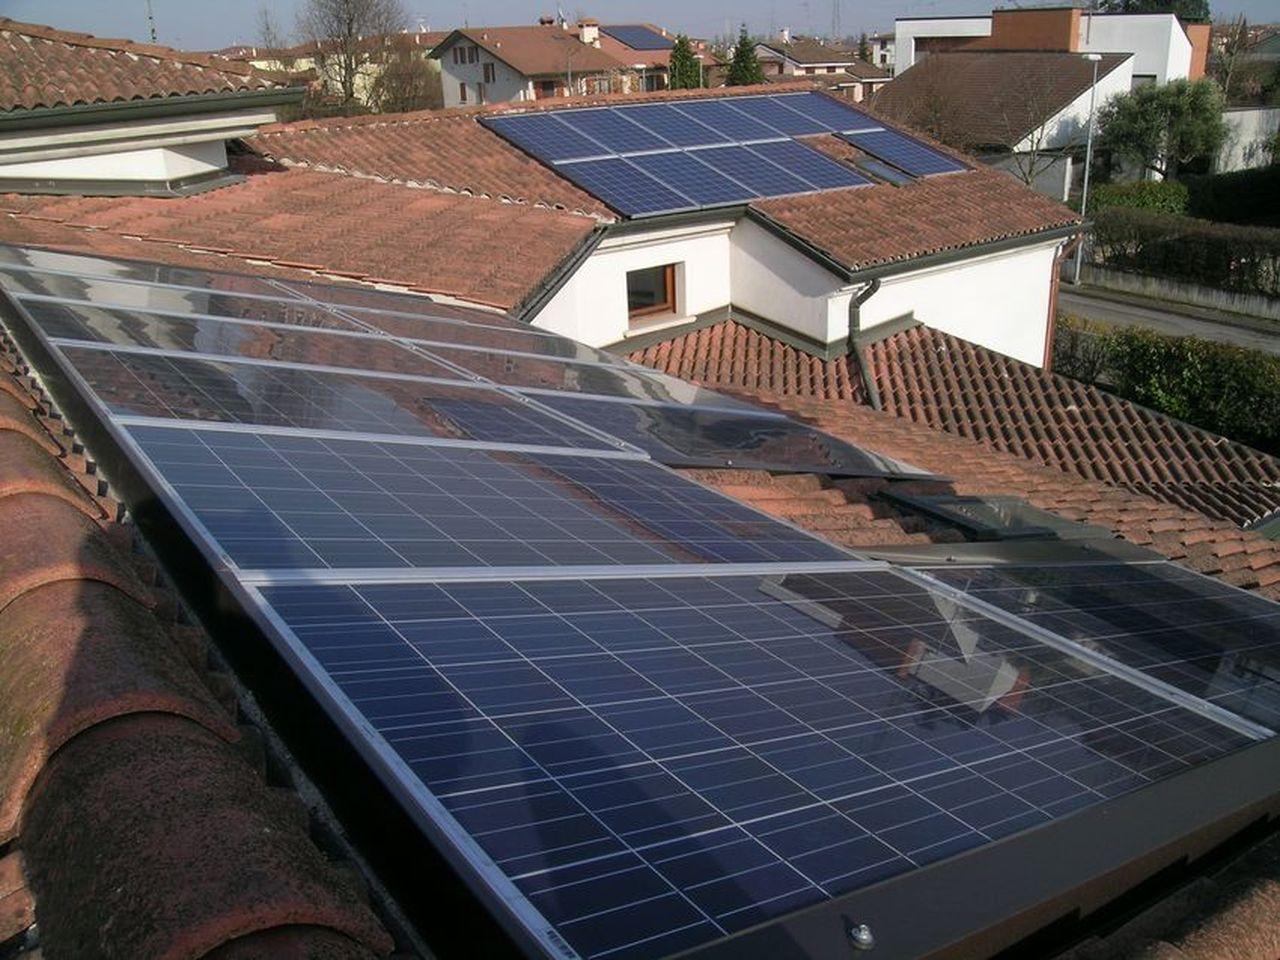 Progettazione e installazione di Impianti fotovoltaici Mantova